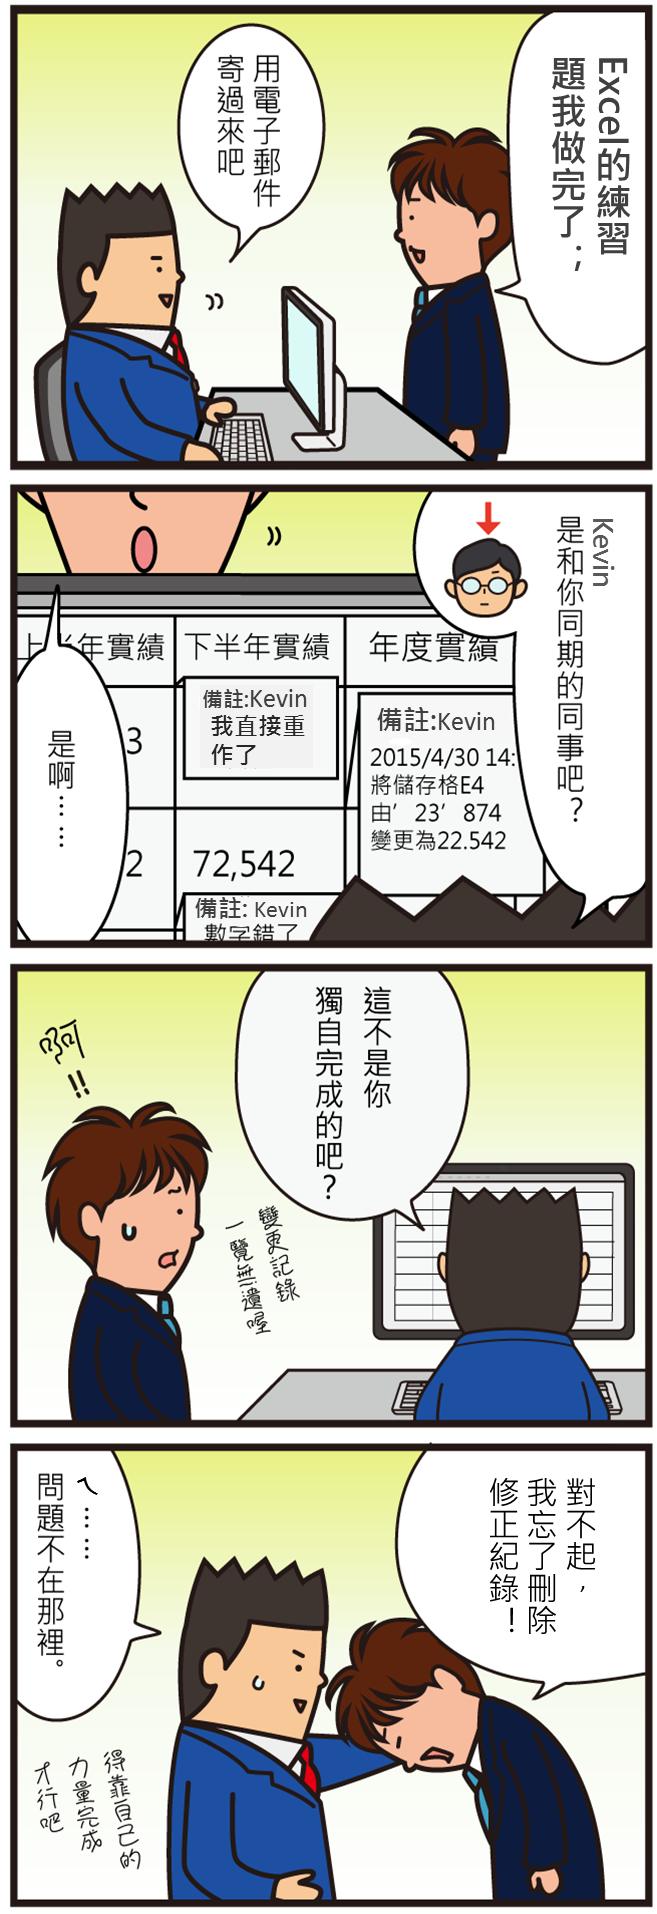 日本資安漫畫 13